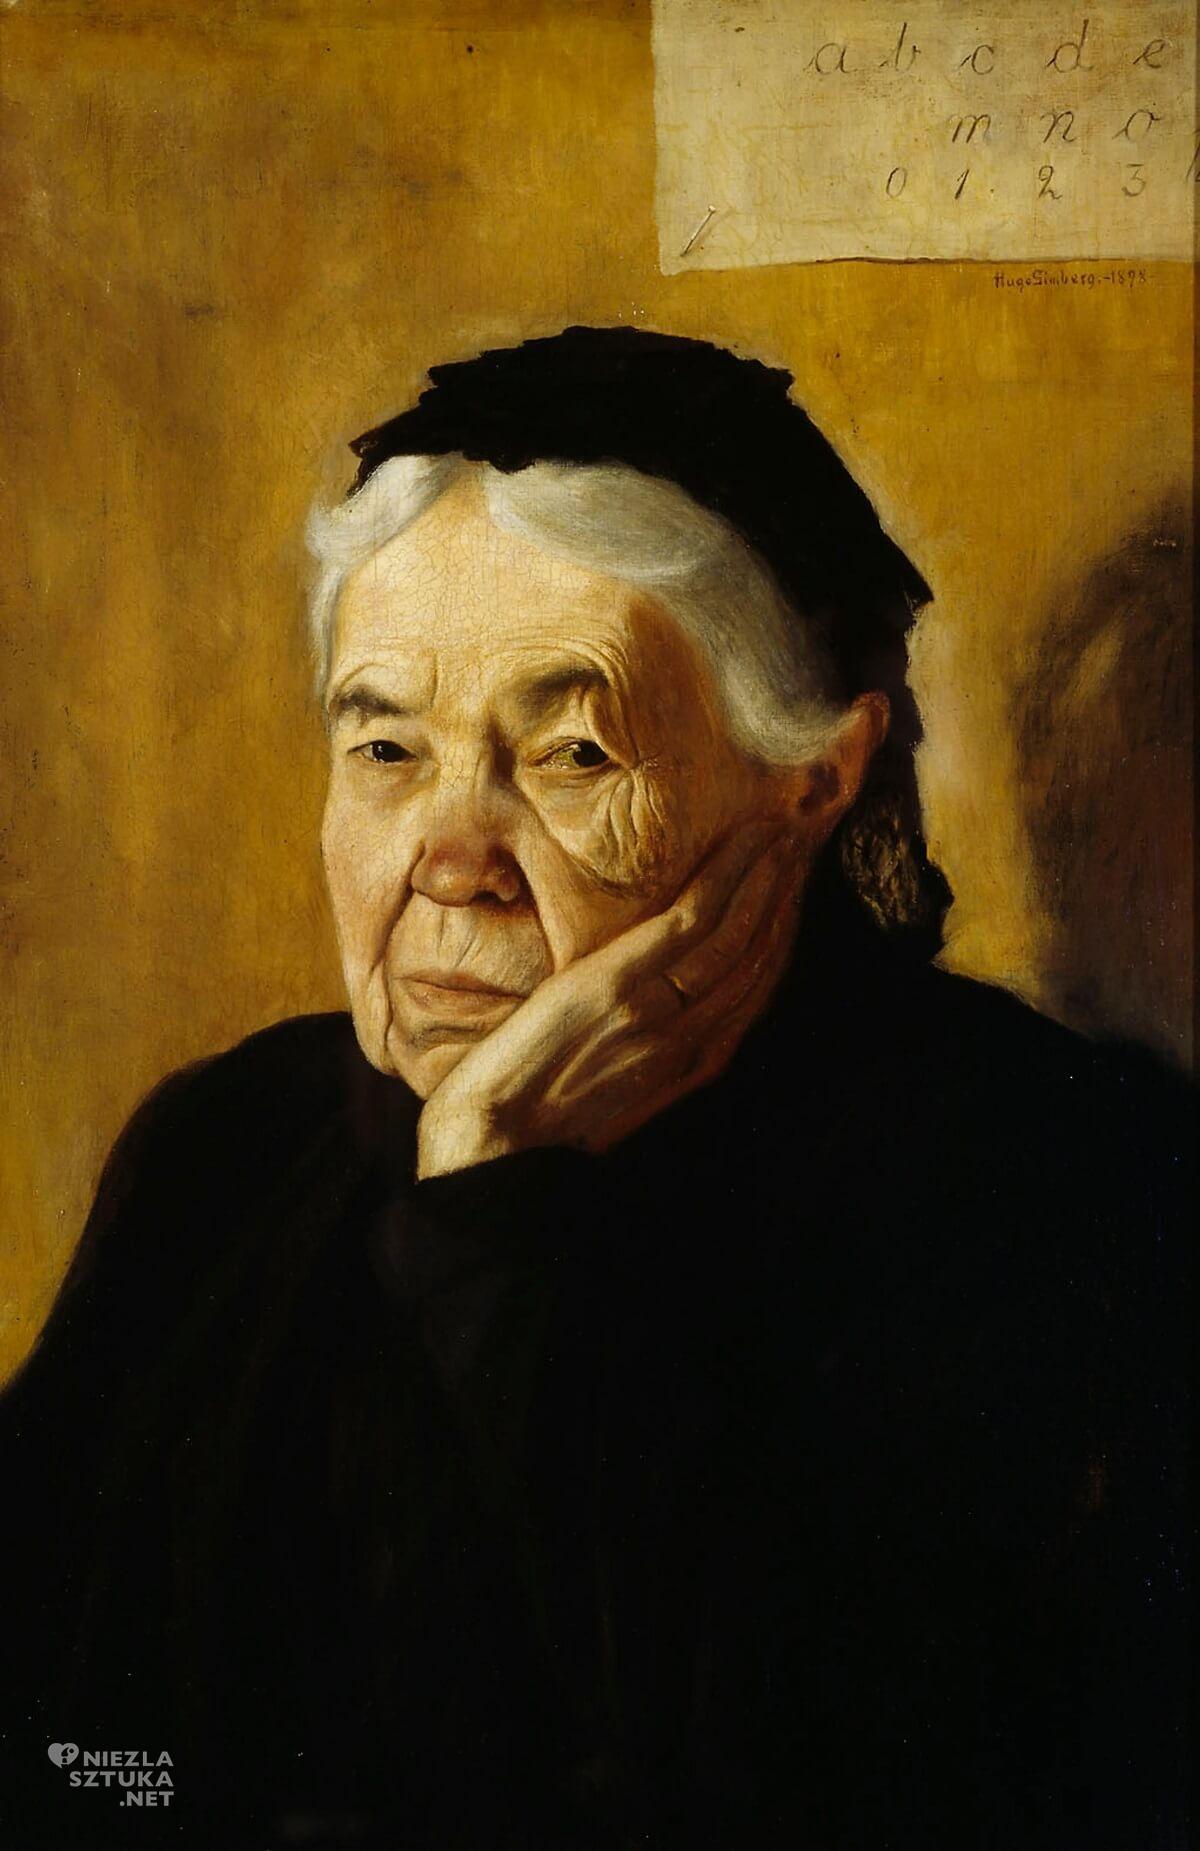 Hugo Simberg, ciocia, ciotka artysty, malarstwo skandynawskie, Szwecja, Finlandia, Niezła Sztuk